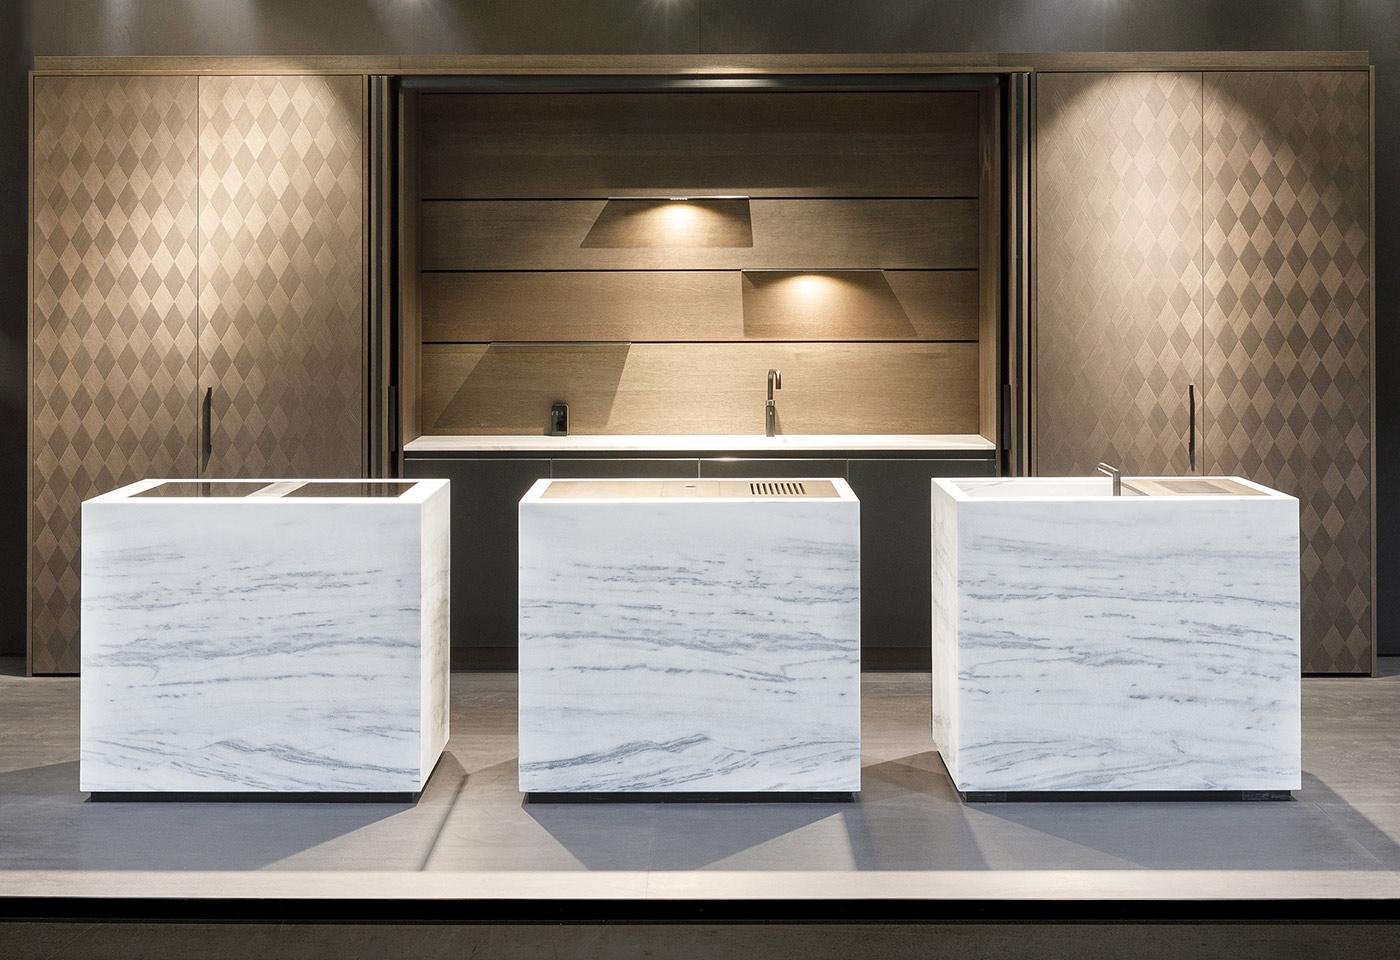 Schliessbare Küchenzeile mit integrierter LED-Rückwand. Im Vordergrund drei Unikate-Marmorblöcke als Kücheninseln